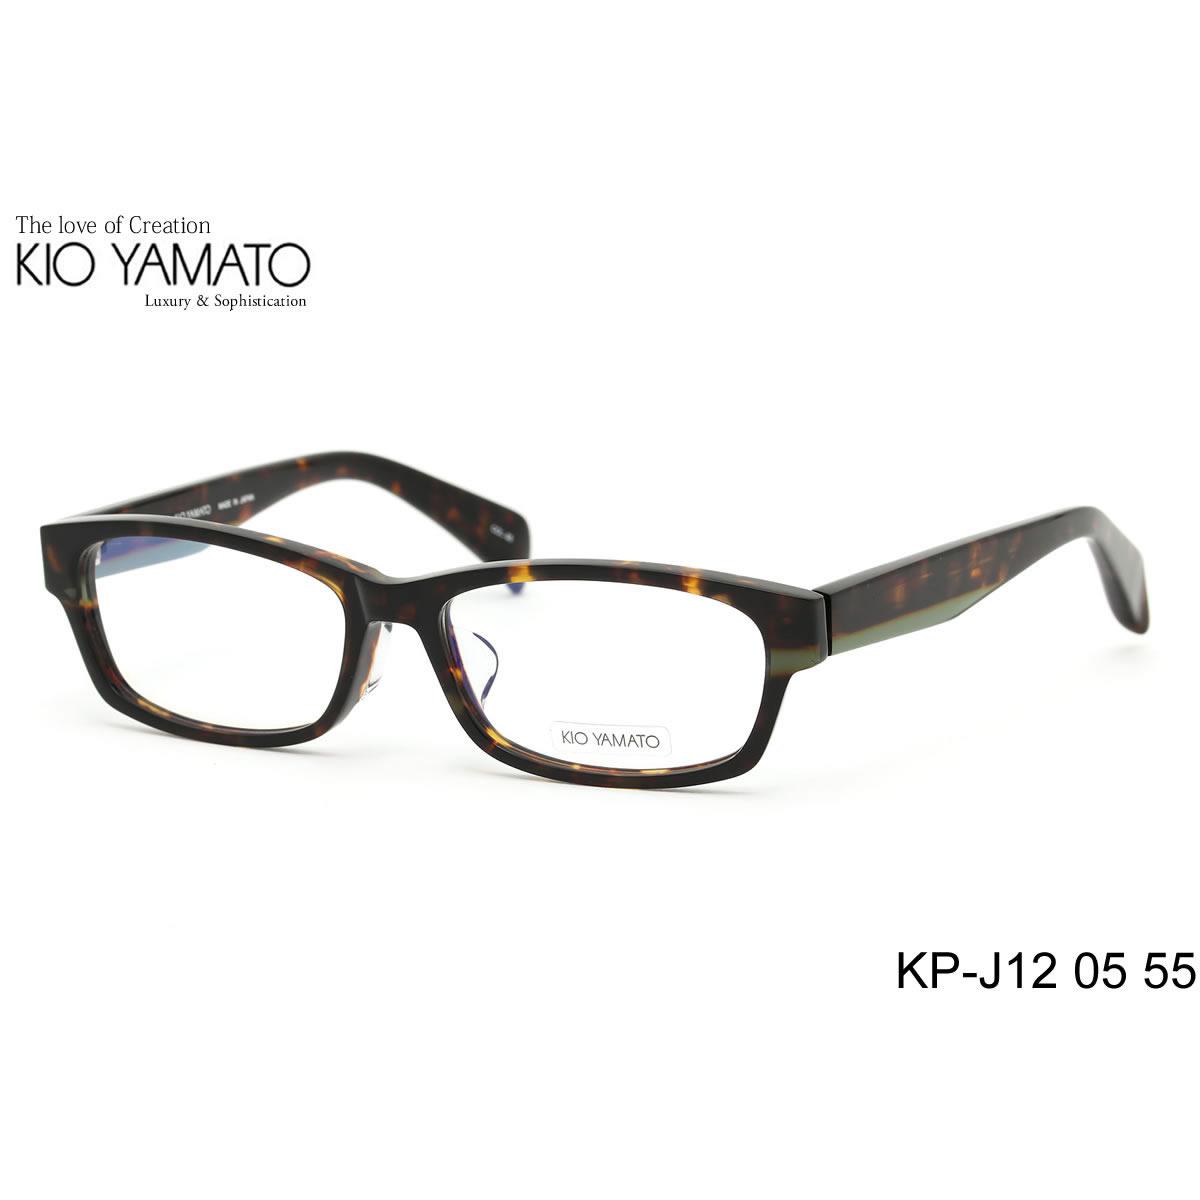 【10月30日からエントリーで全品ポイント20倍】【14時までのご注文は即日発送】KP-J12 05 55サイズ KIO YAMATO (キオヤマト) メガネ 日本製 バネ蝶番 バネ丁番 メンズ レディース【あす楽対応】